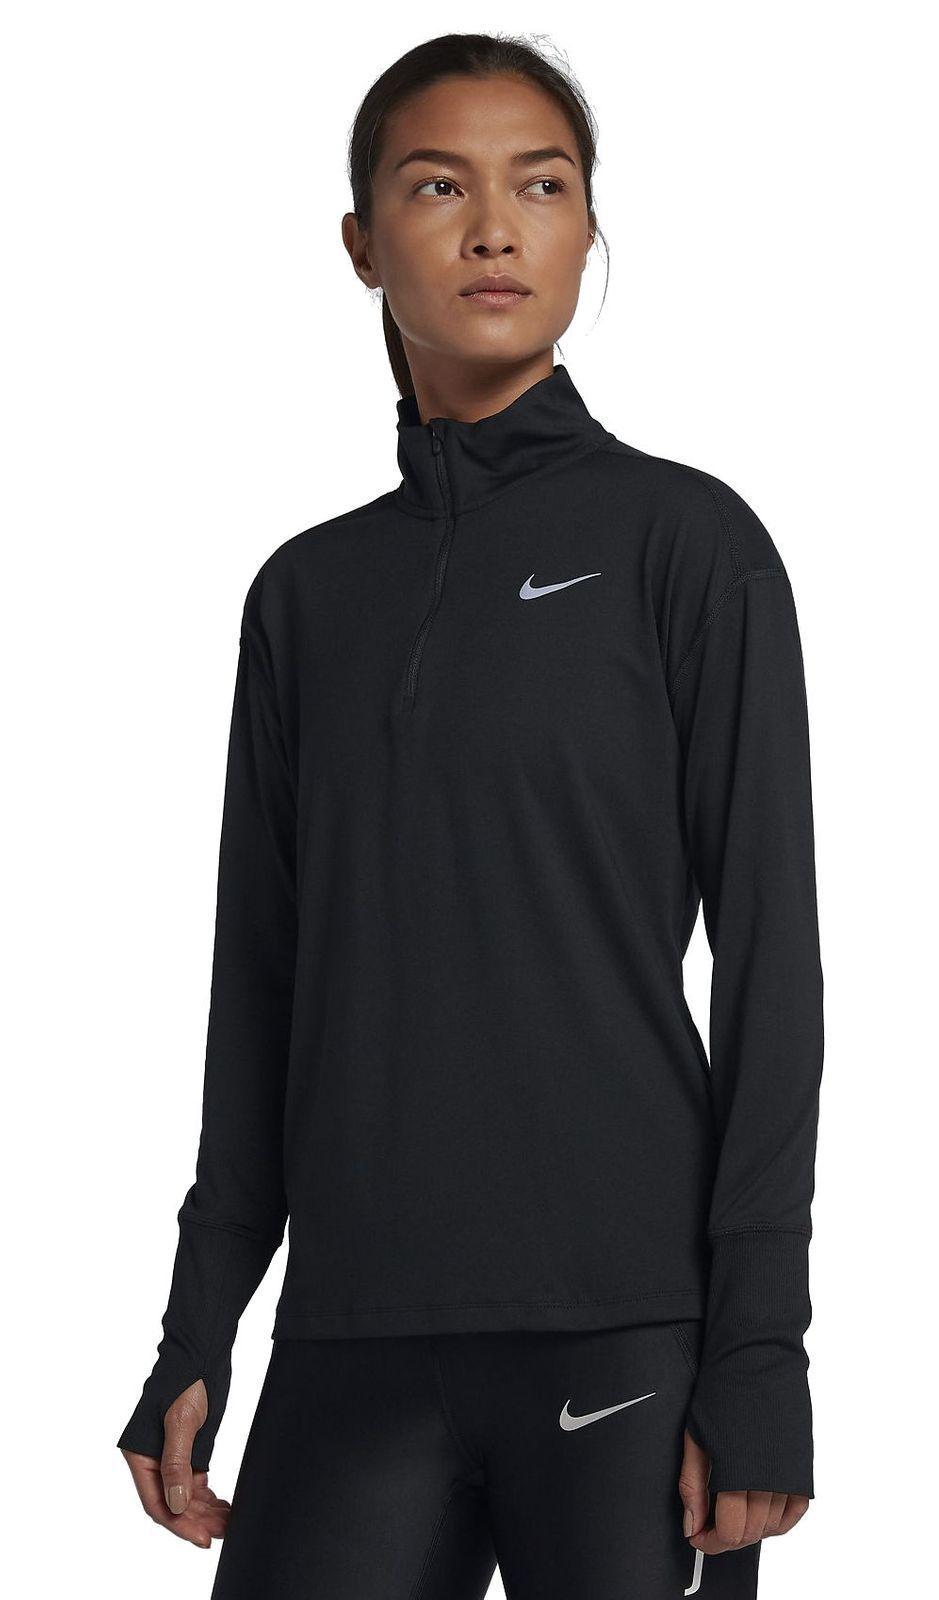 Nike Mujer Manga Larga Camiseta Running Deportiva NK Drifit Elemento Top